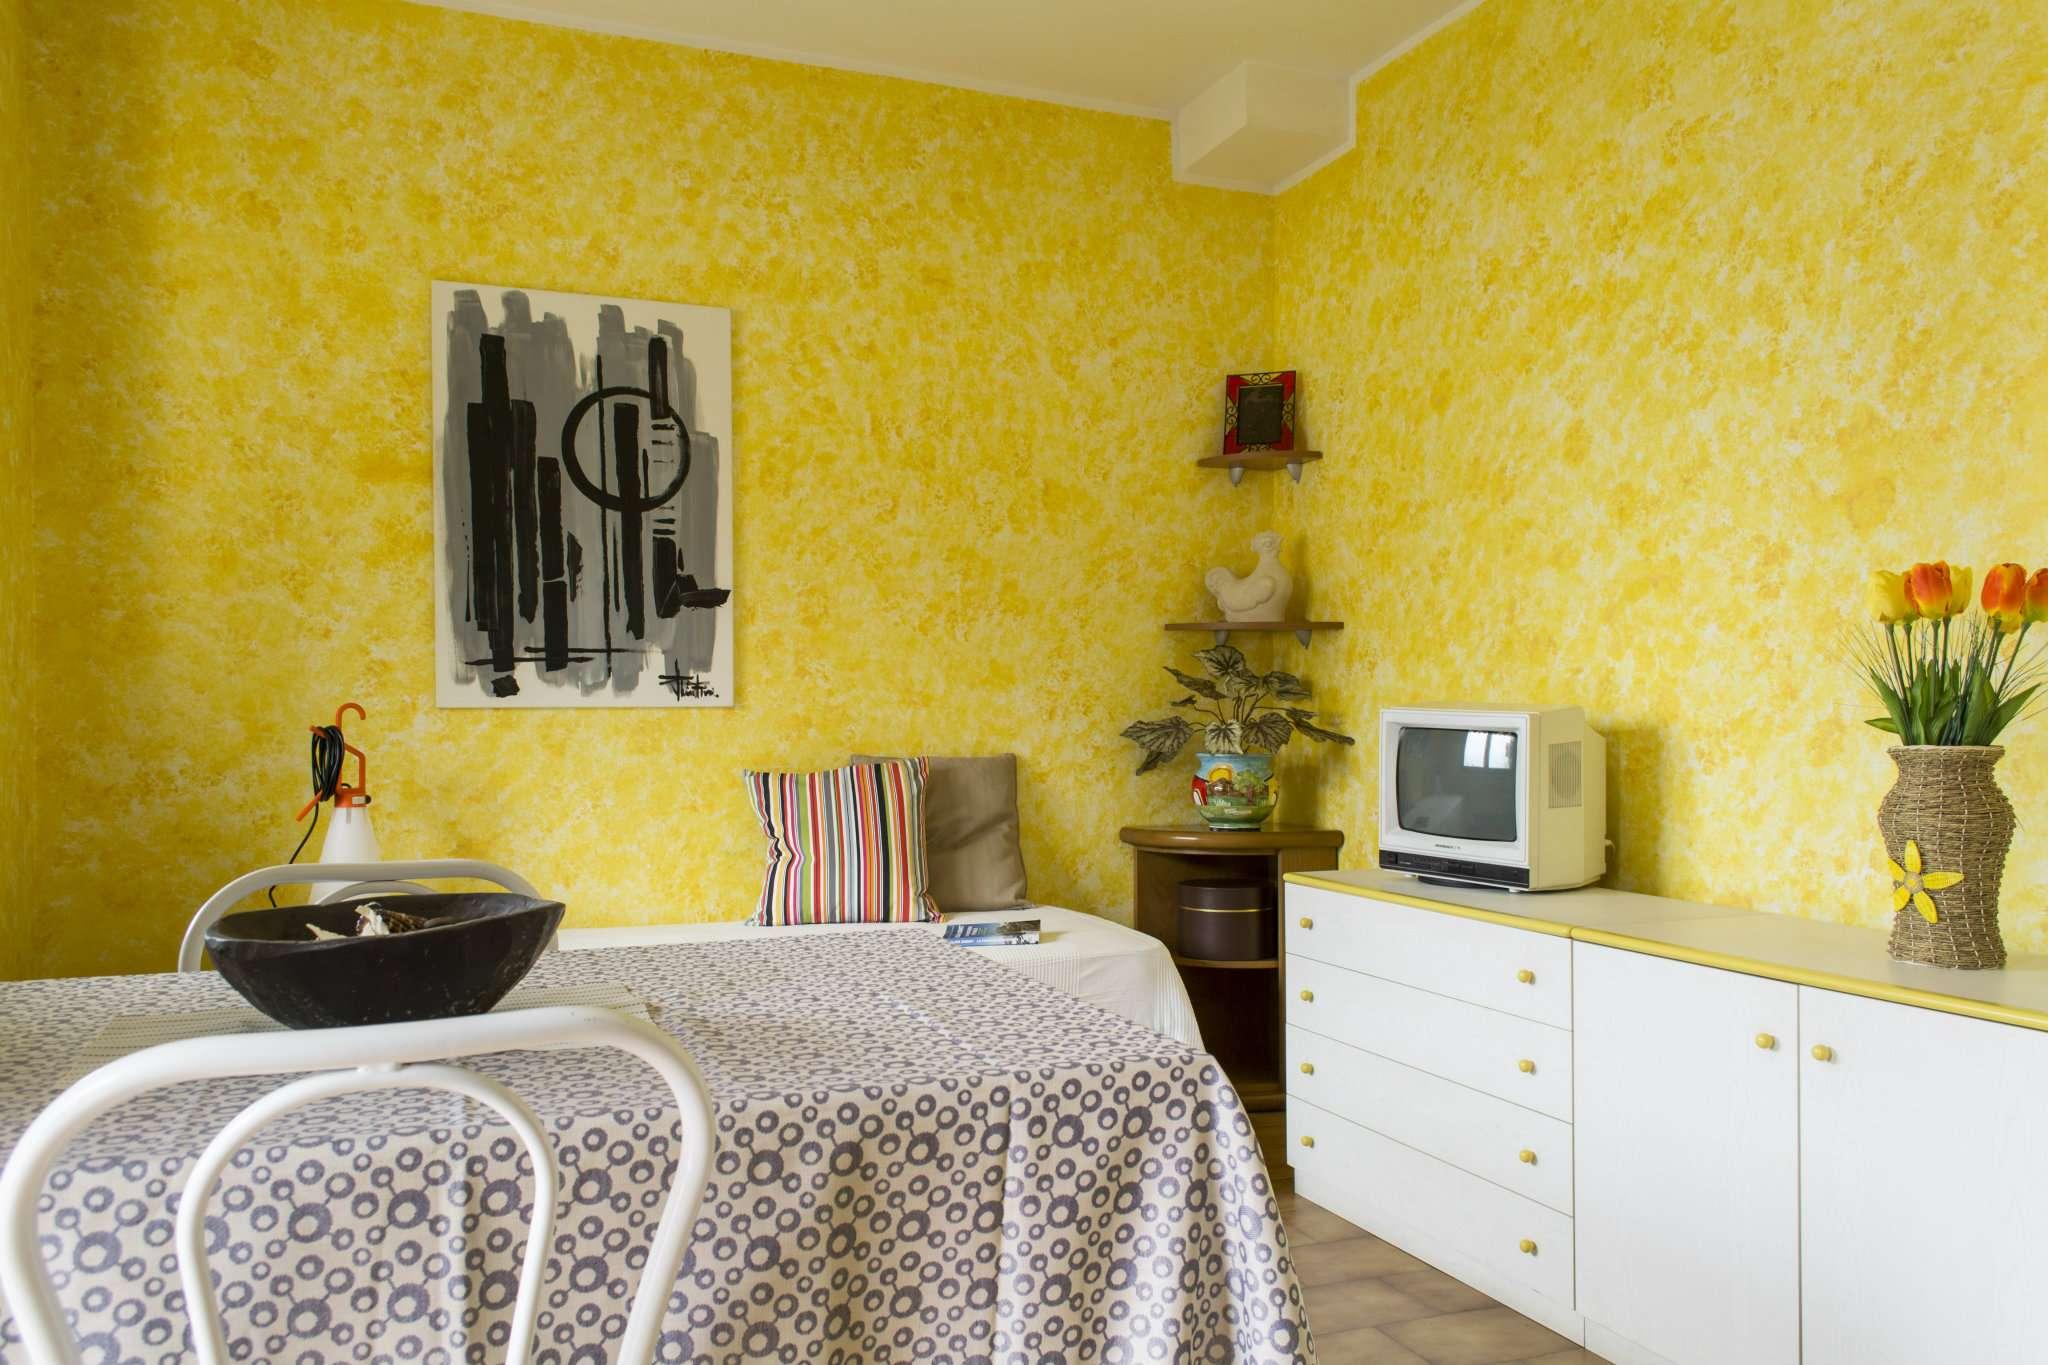 Appartamento in vendita a Bedulita, 2 locali, prezzo € 45.000 | CambioCasa.it